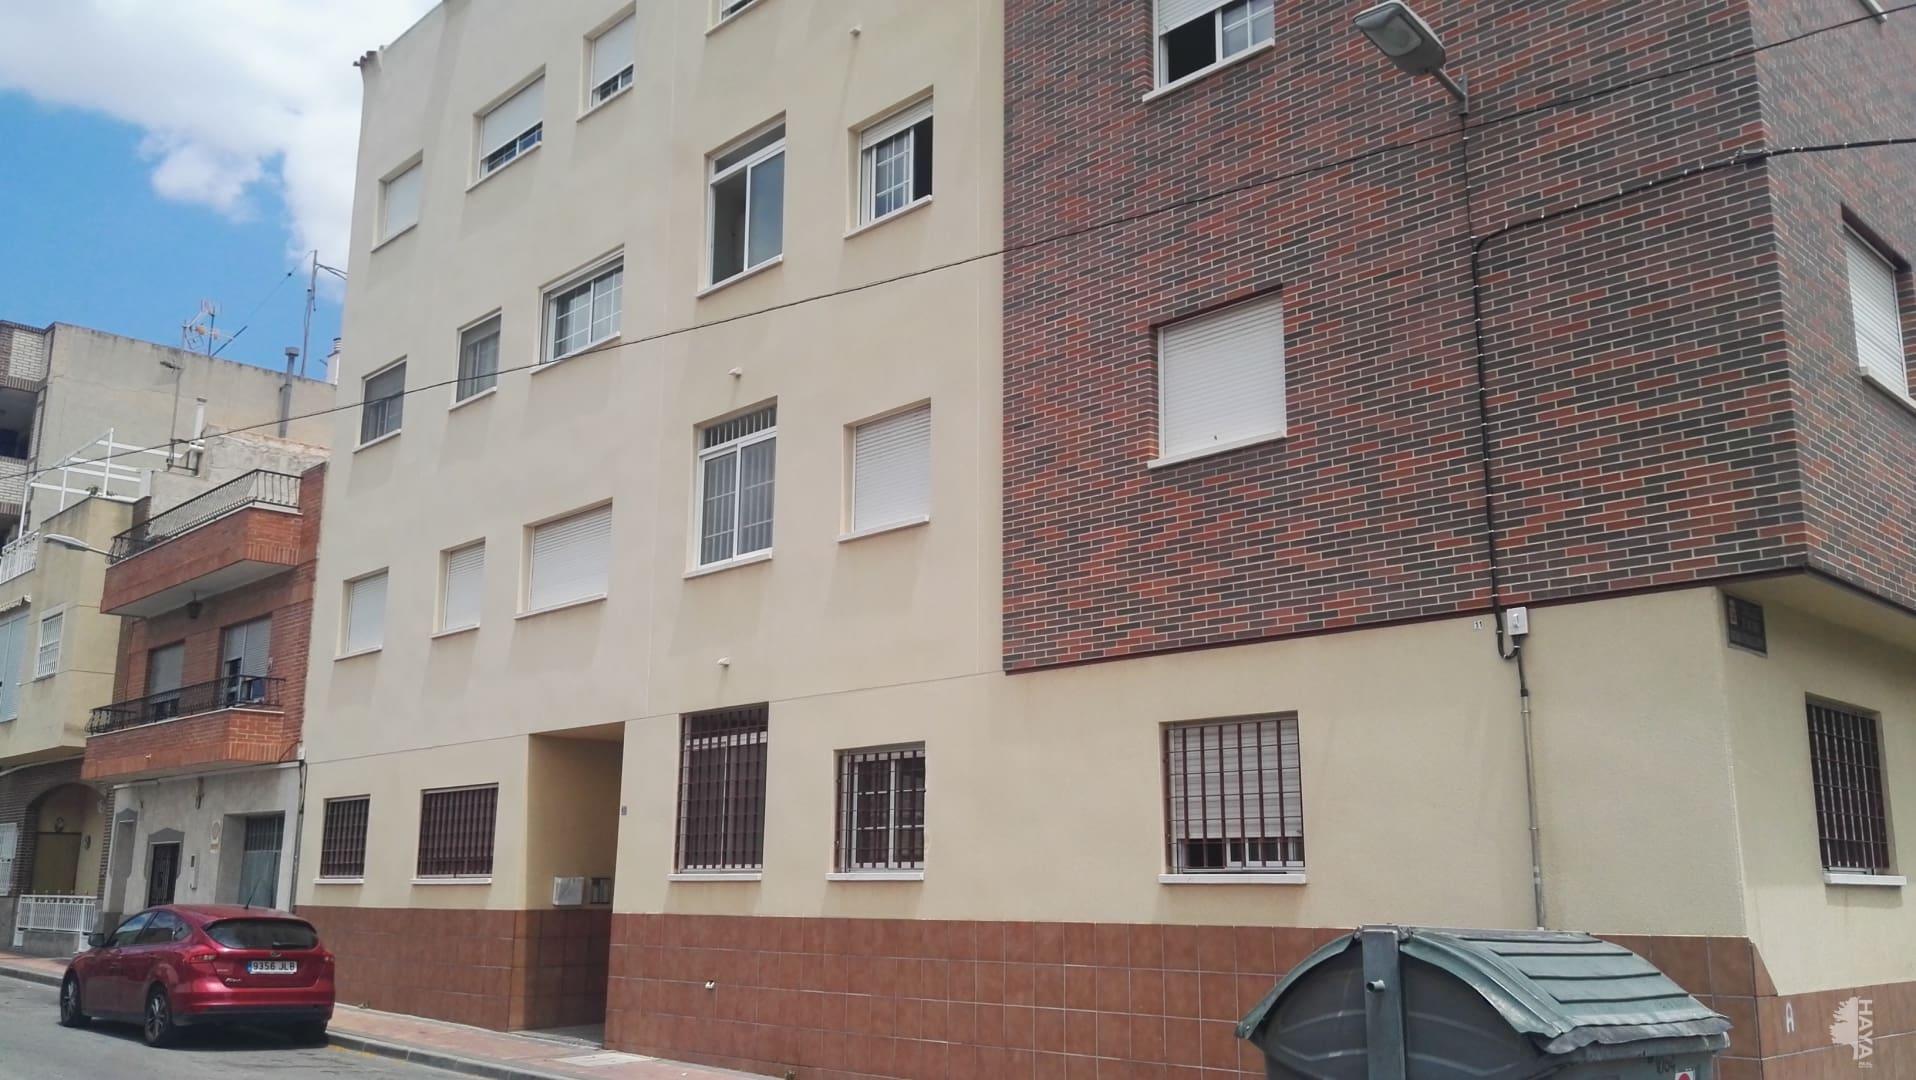 Piso en venta en Molina de Segura, Murcia, Calle San Ignacio, 56.772 €, 2 habitaciones, 1 baño, 62 m2